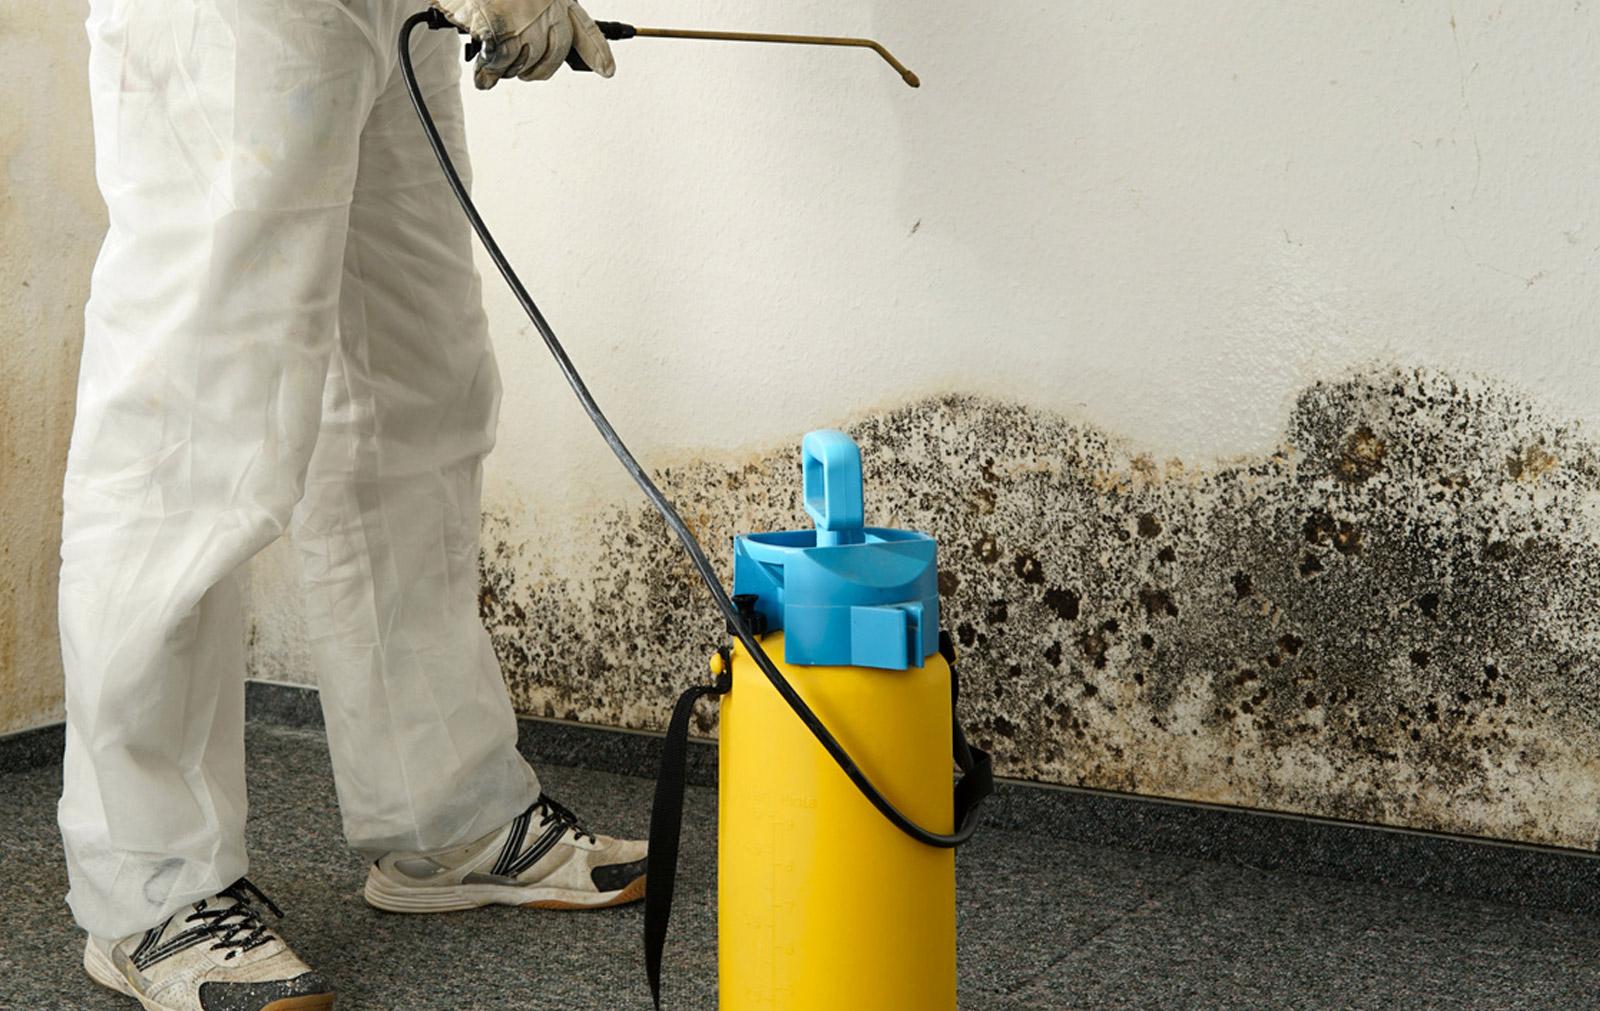 Les risques sanitaires sont réels dans le cas d'habitation Diogène, il est donc indispensable de faire appel à des professionnels pour débarrasser et nettoyer la maison.